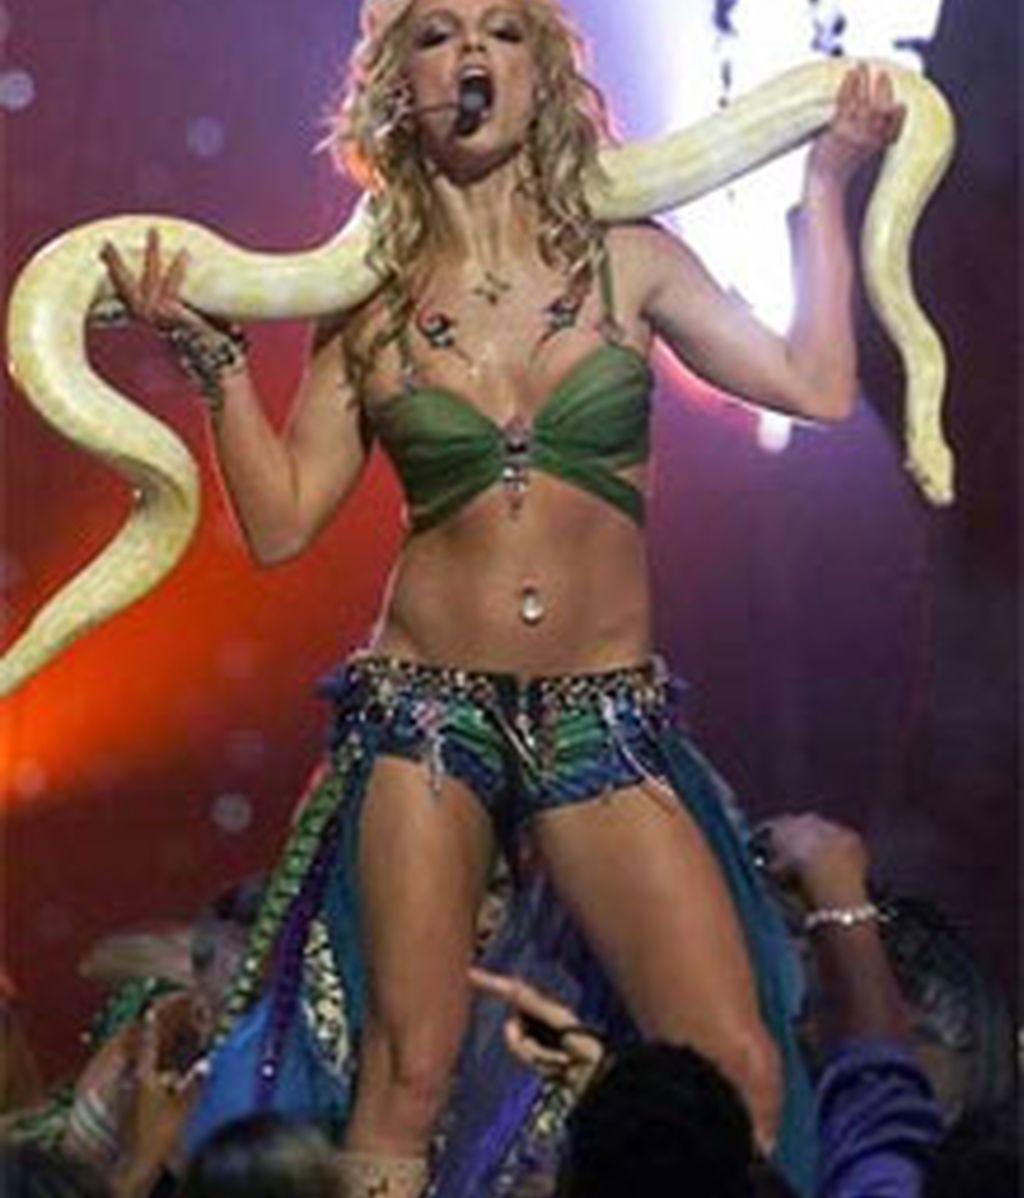 Britney Spears interpretaría el personaje de una bailarina erótica asesina en la película de Tarantino. Foto: AP